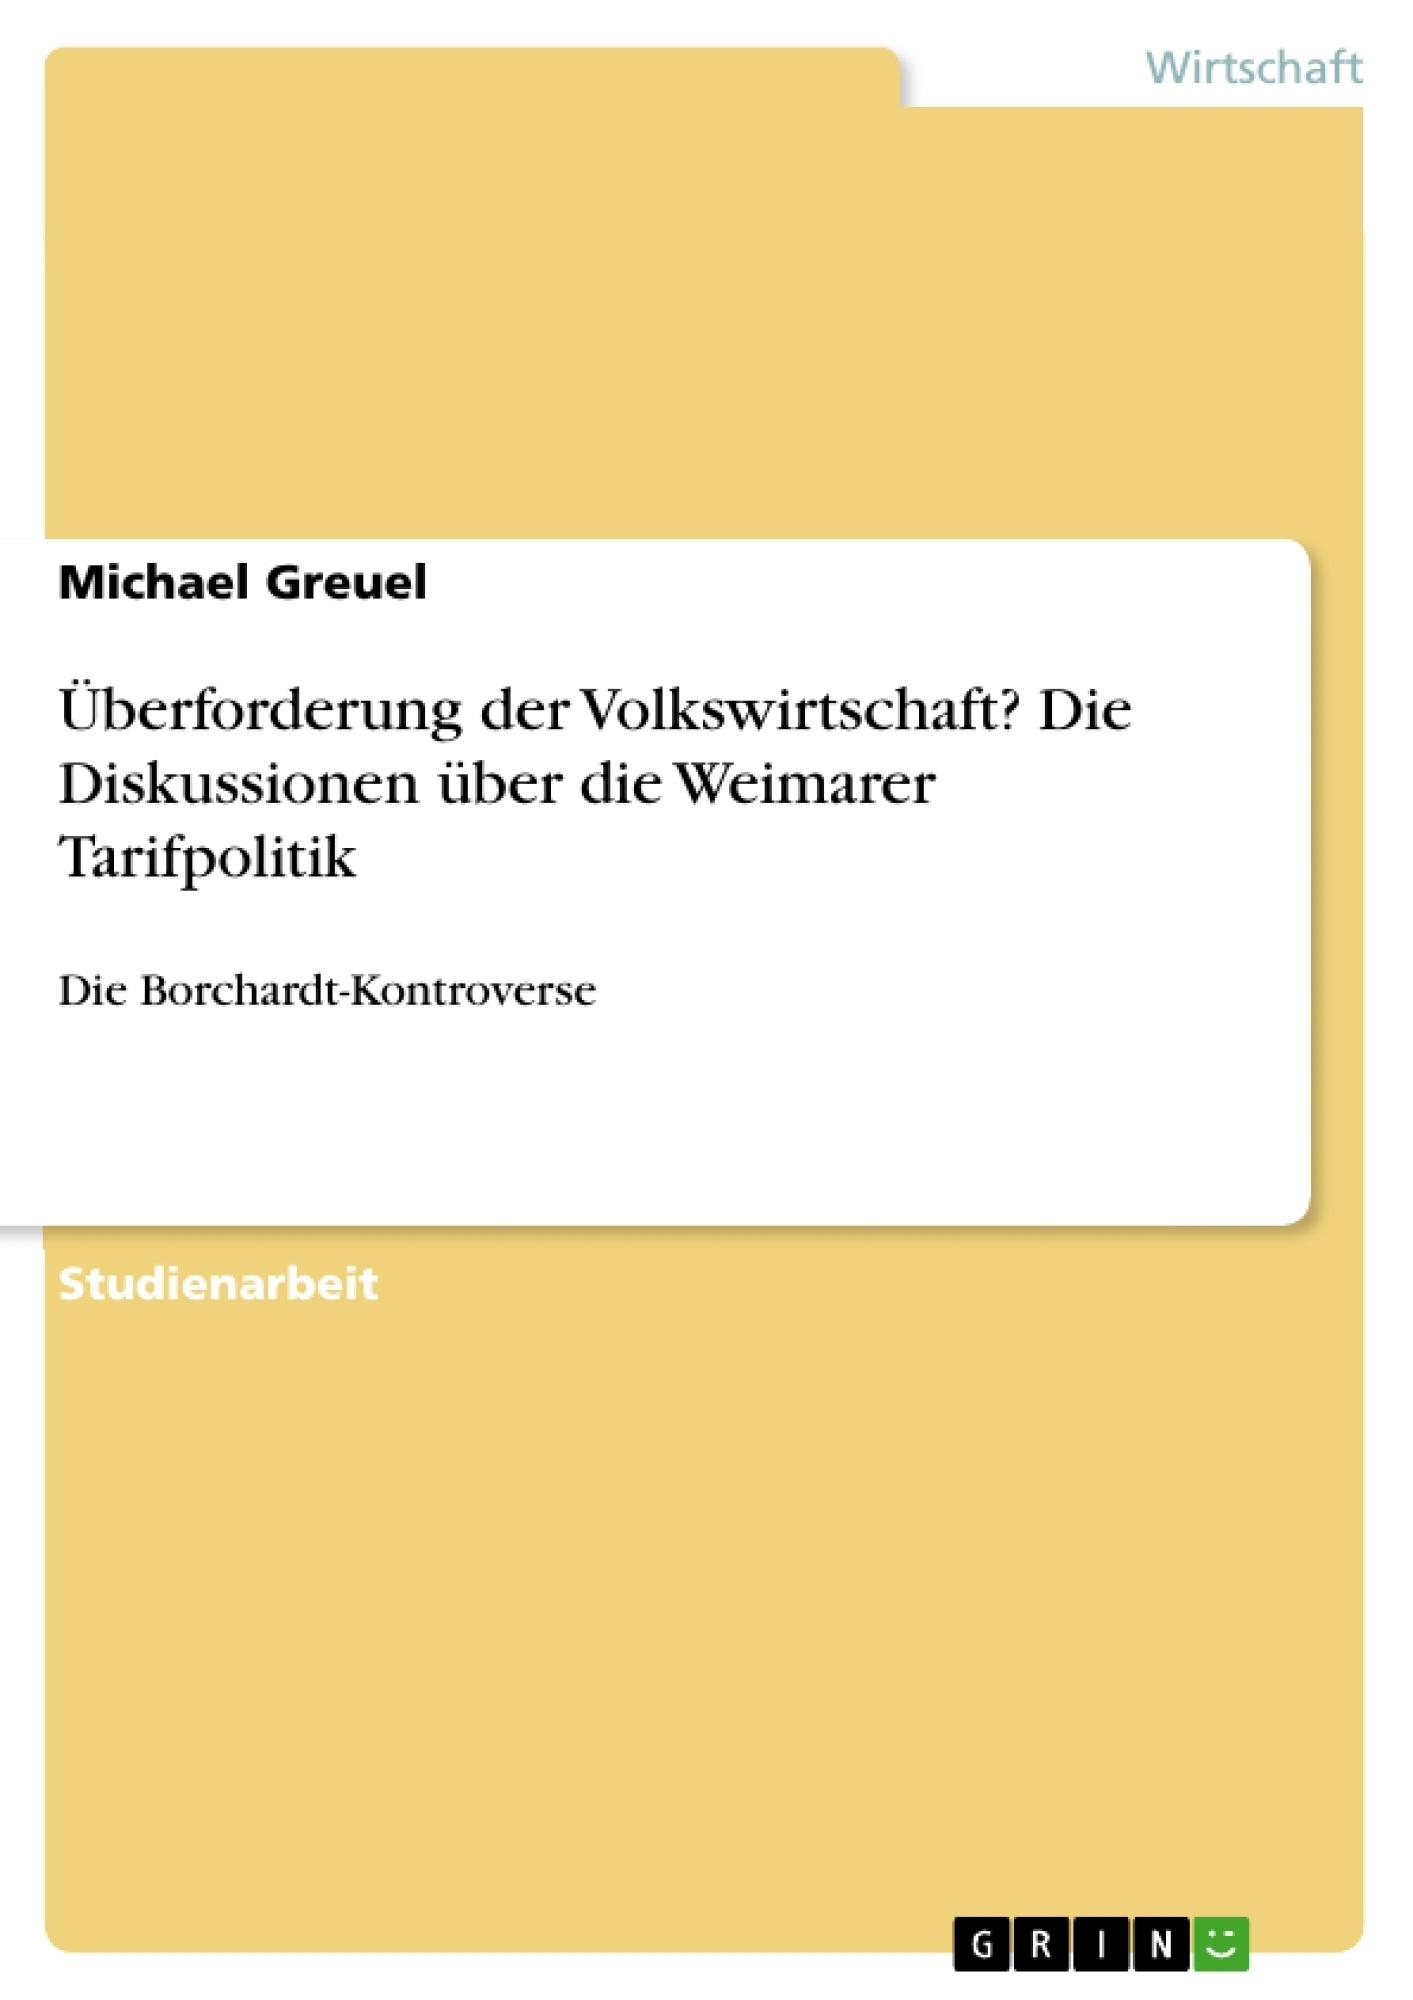 Titel: Überforderung der Volkswirtschaft? Die Diskussionen über die Weimarer Tarifpolitik